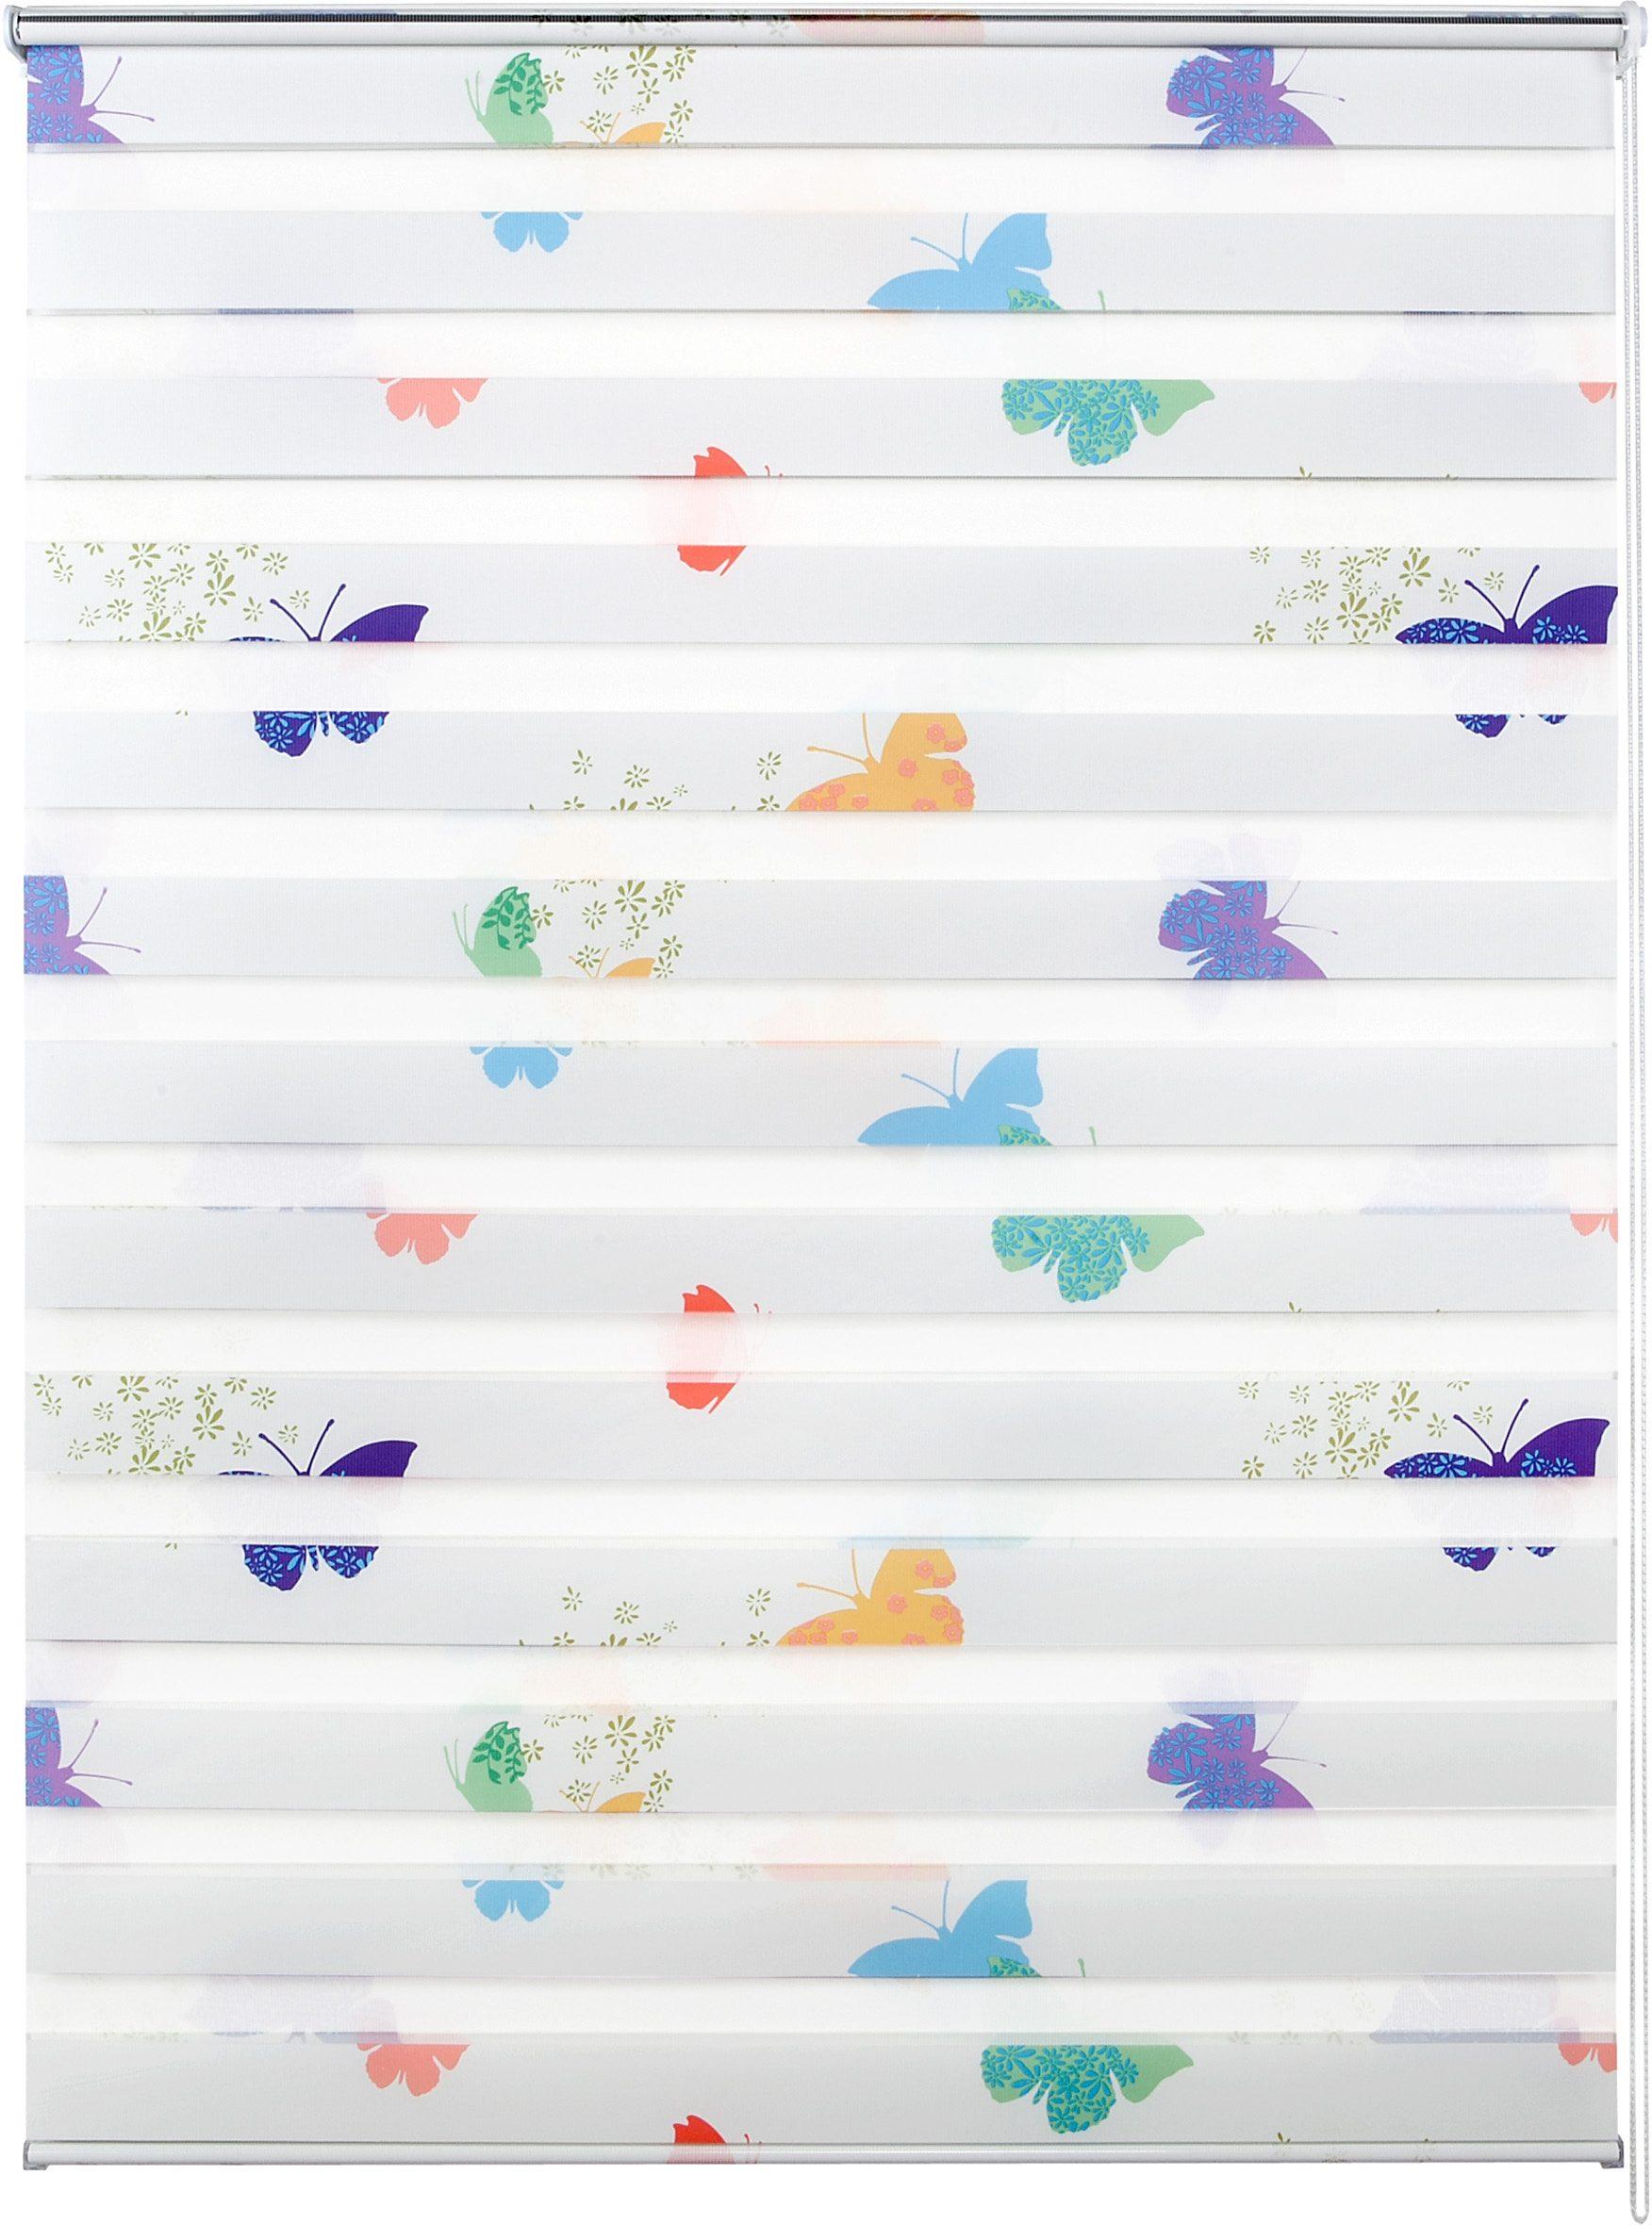 Doppelrollo nach Maß »Nicki«, Good Life, Lichtschutz, verschraubt, freihängend, Wand- und Deckenmontage, 1 Stck.